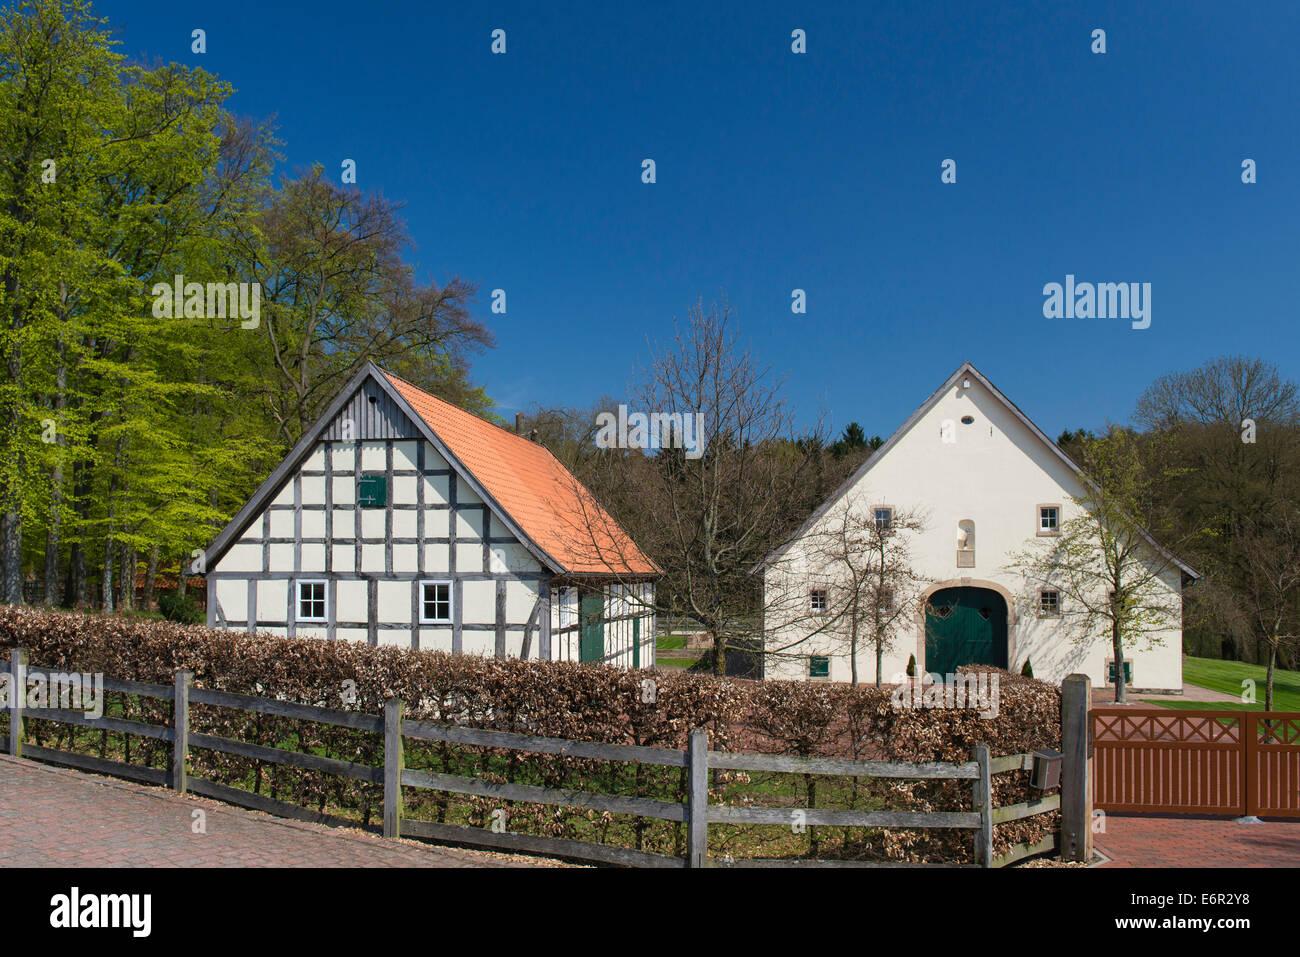 Bauernhaus, Bexadde-Tal, Damme, Landkreis Vechta ...